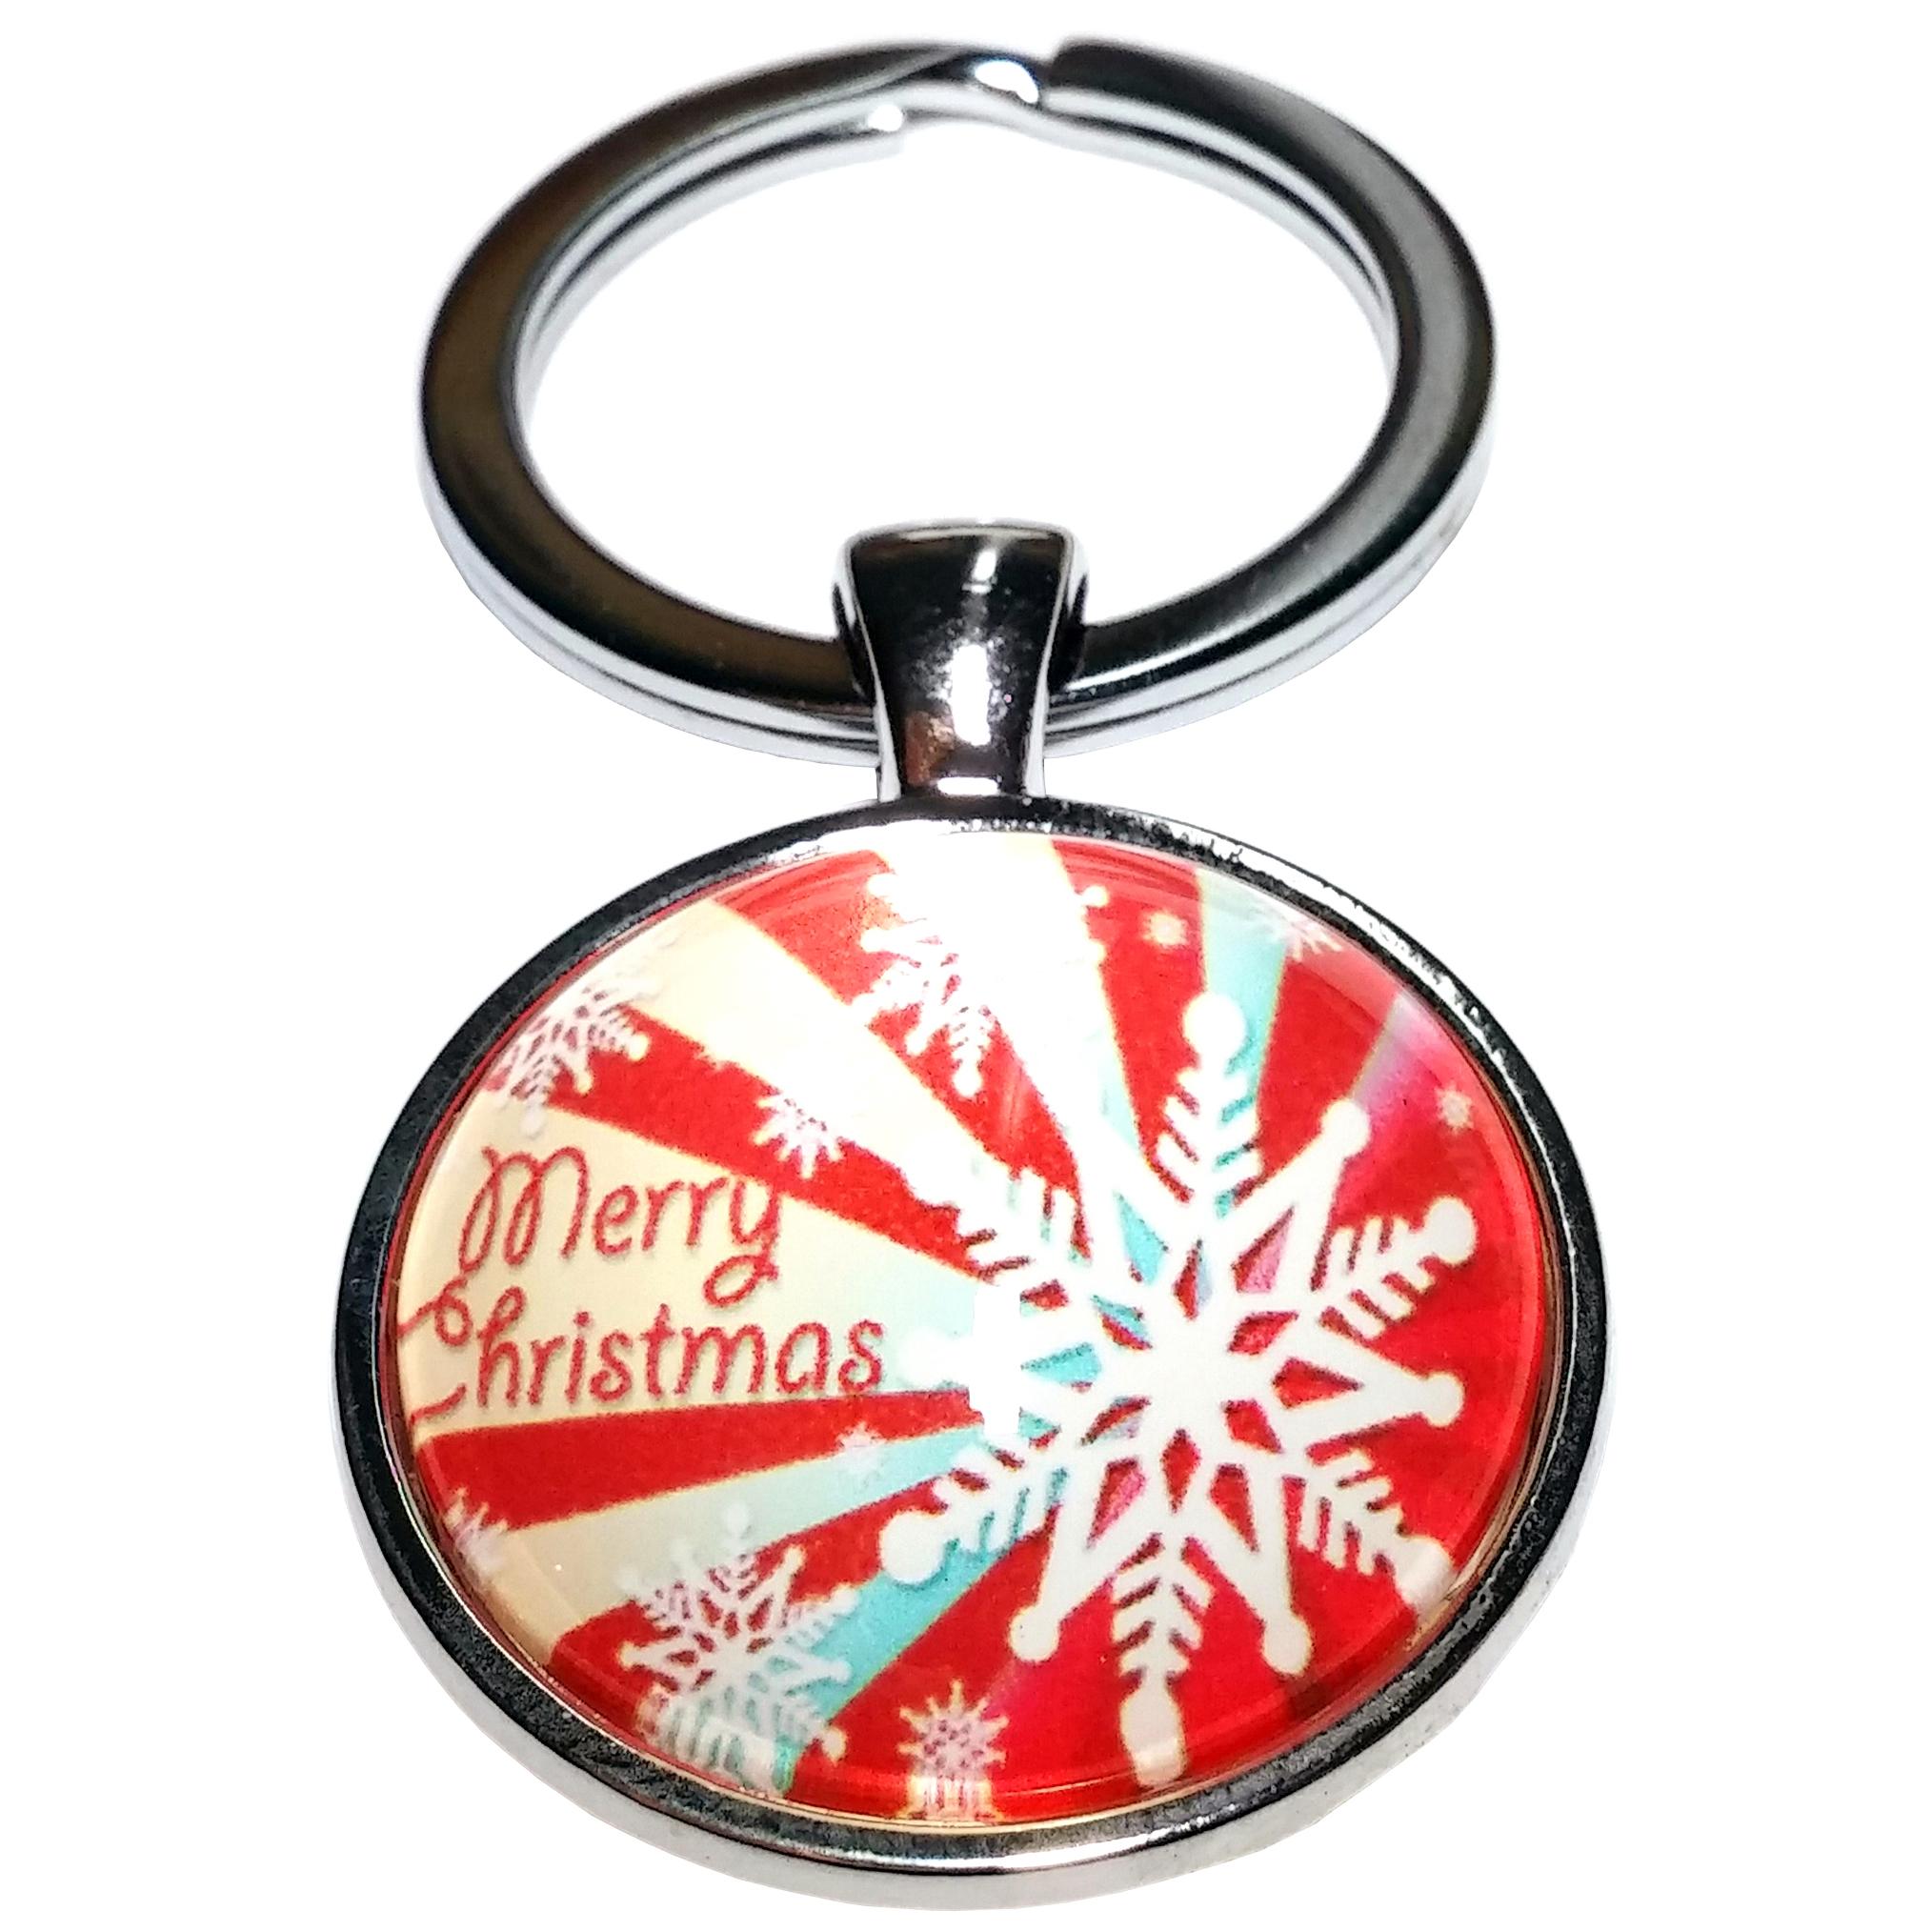 Porte Clé Métal Noël Merry Chtistmas Flocon de Neige